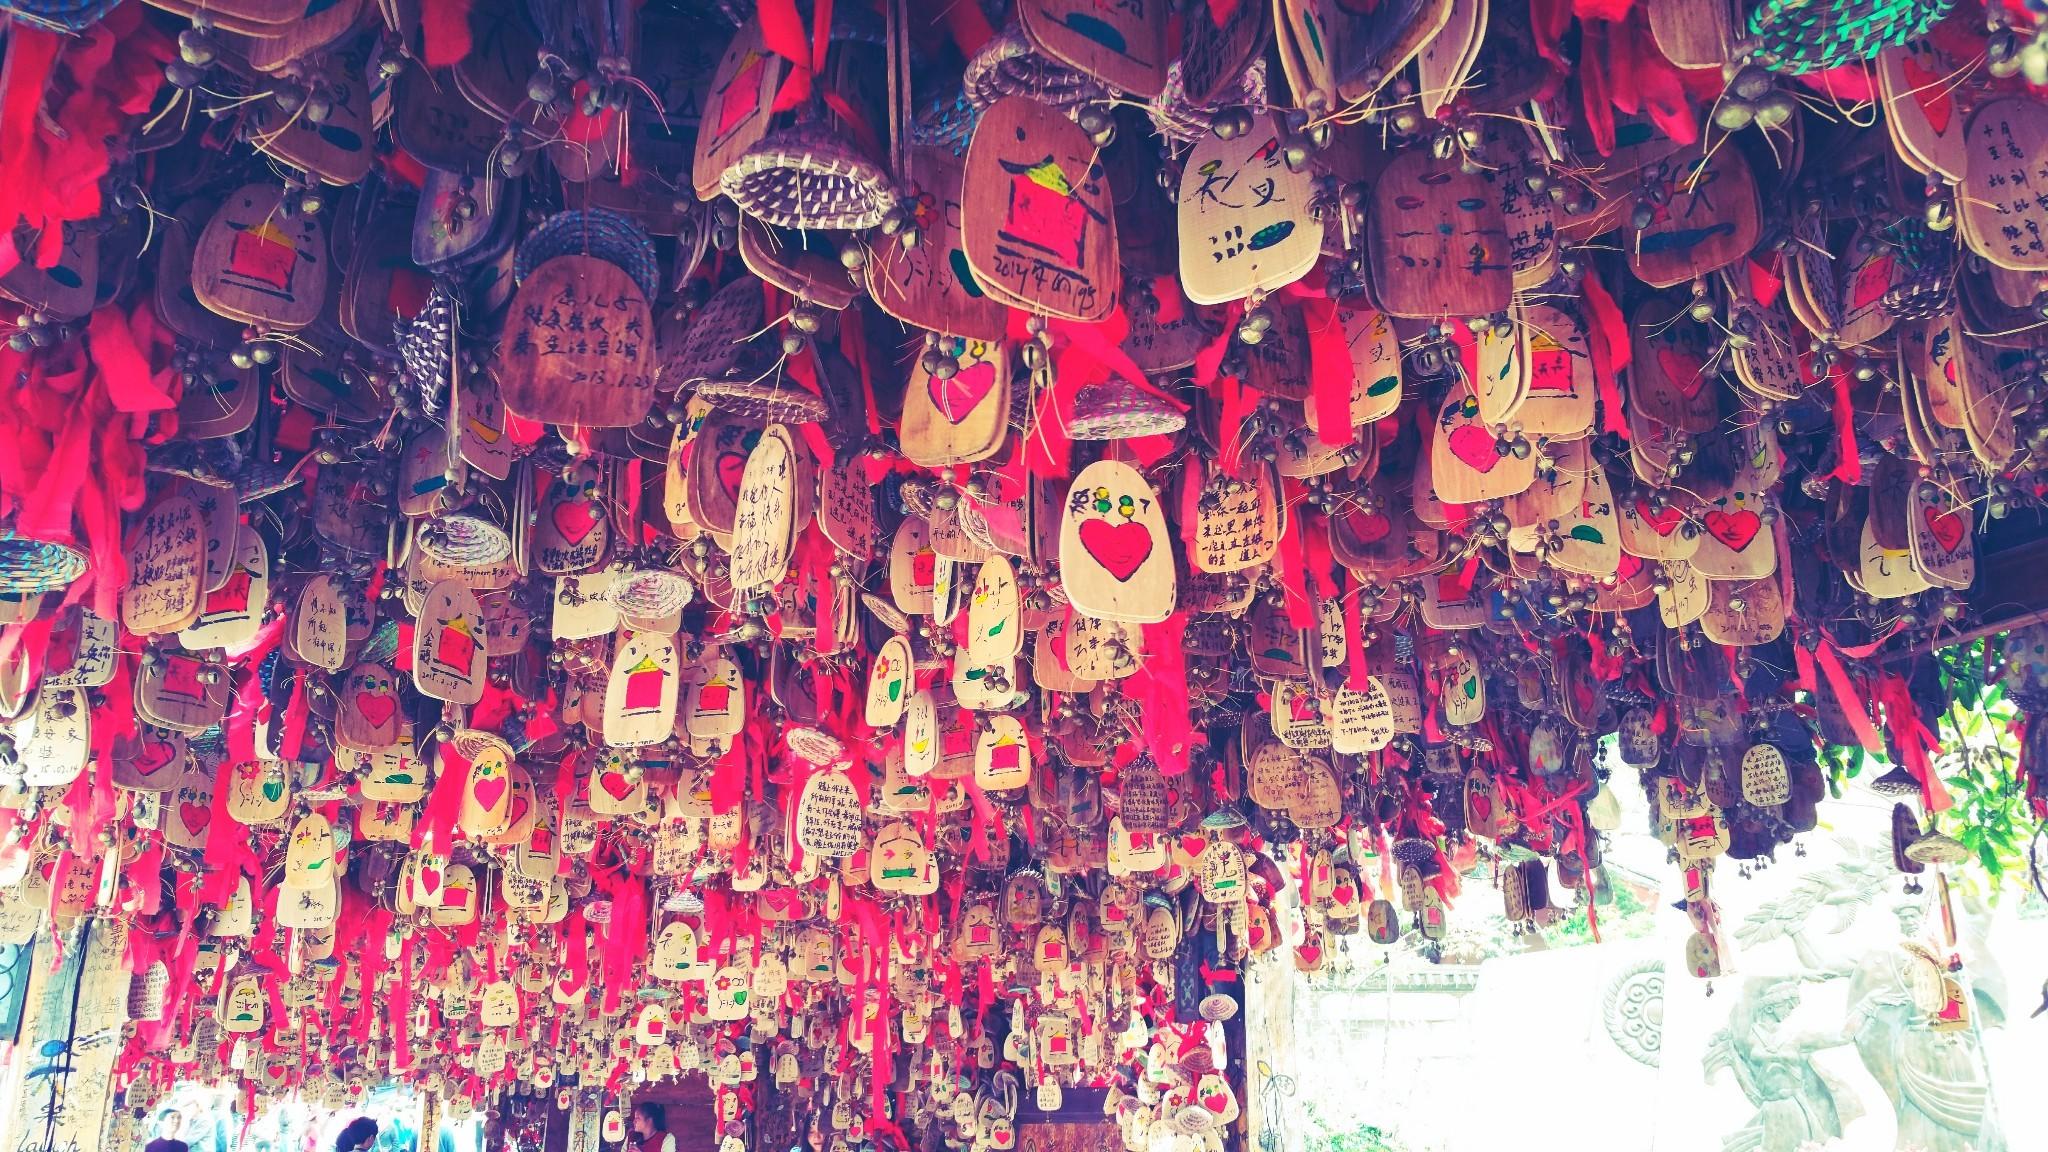 美丽的七彩云南,我的第一次自由行 双廊-喜洲-大理,六天五夜慢生活